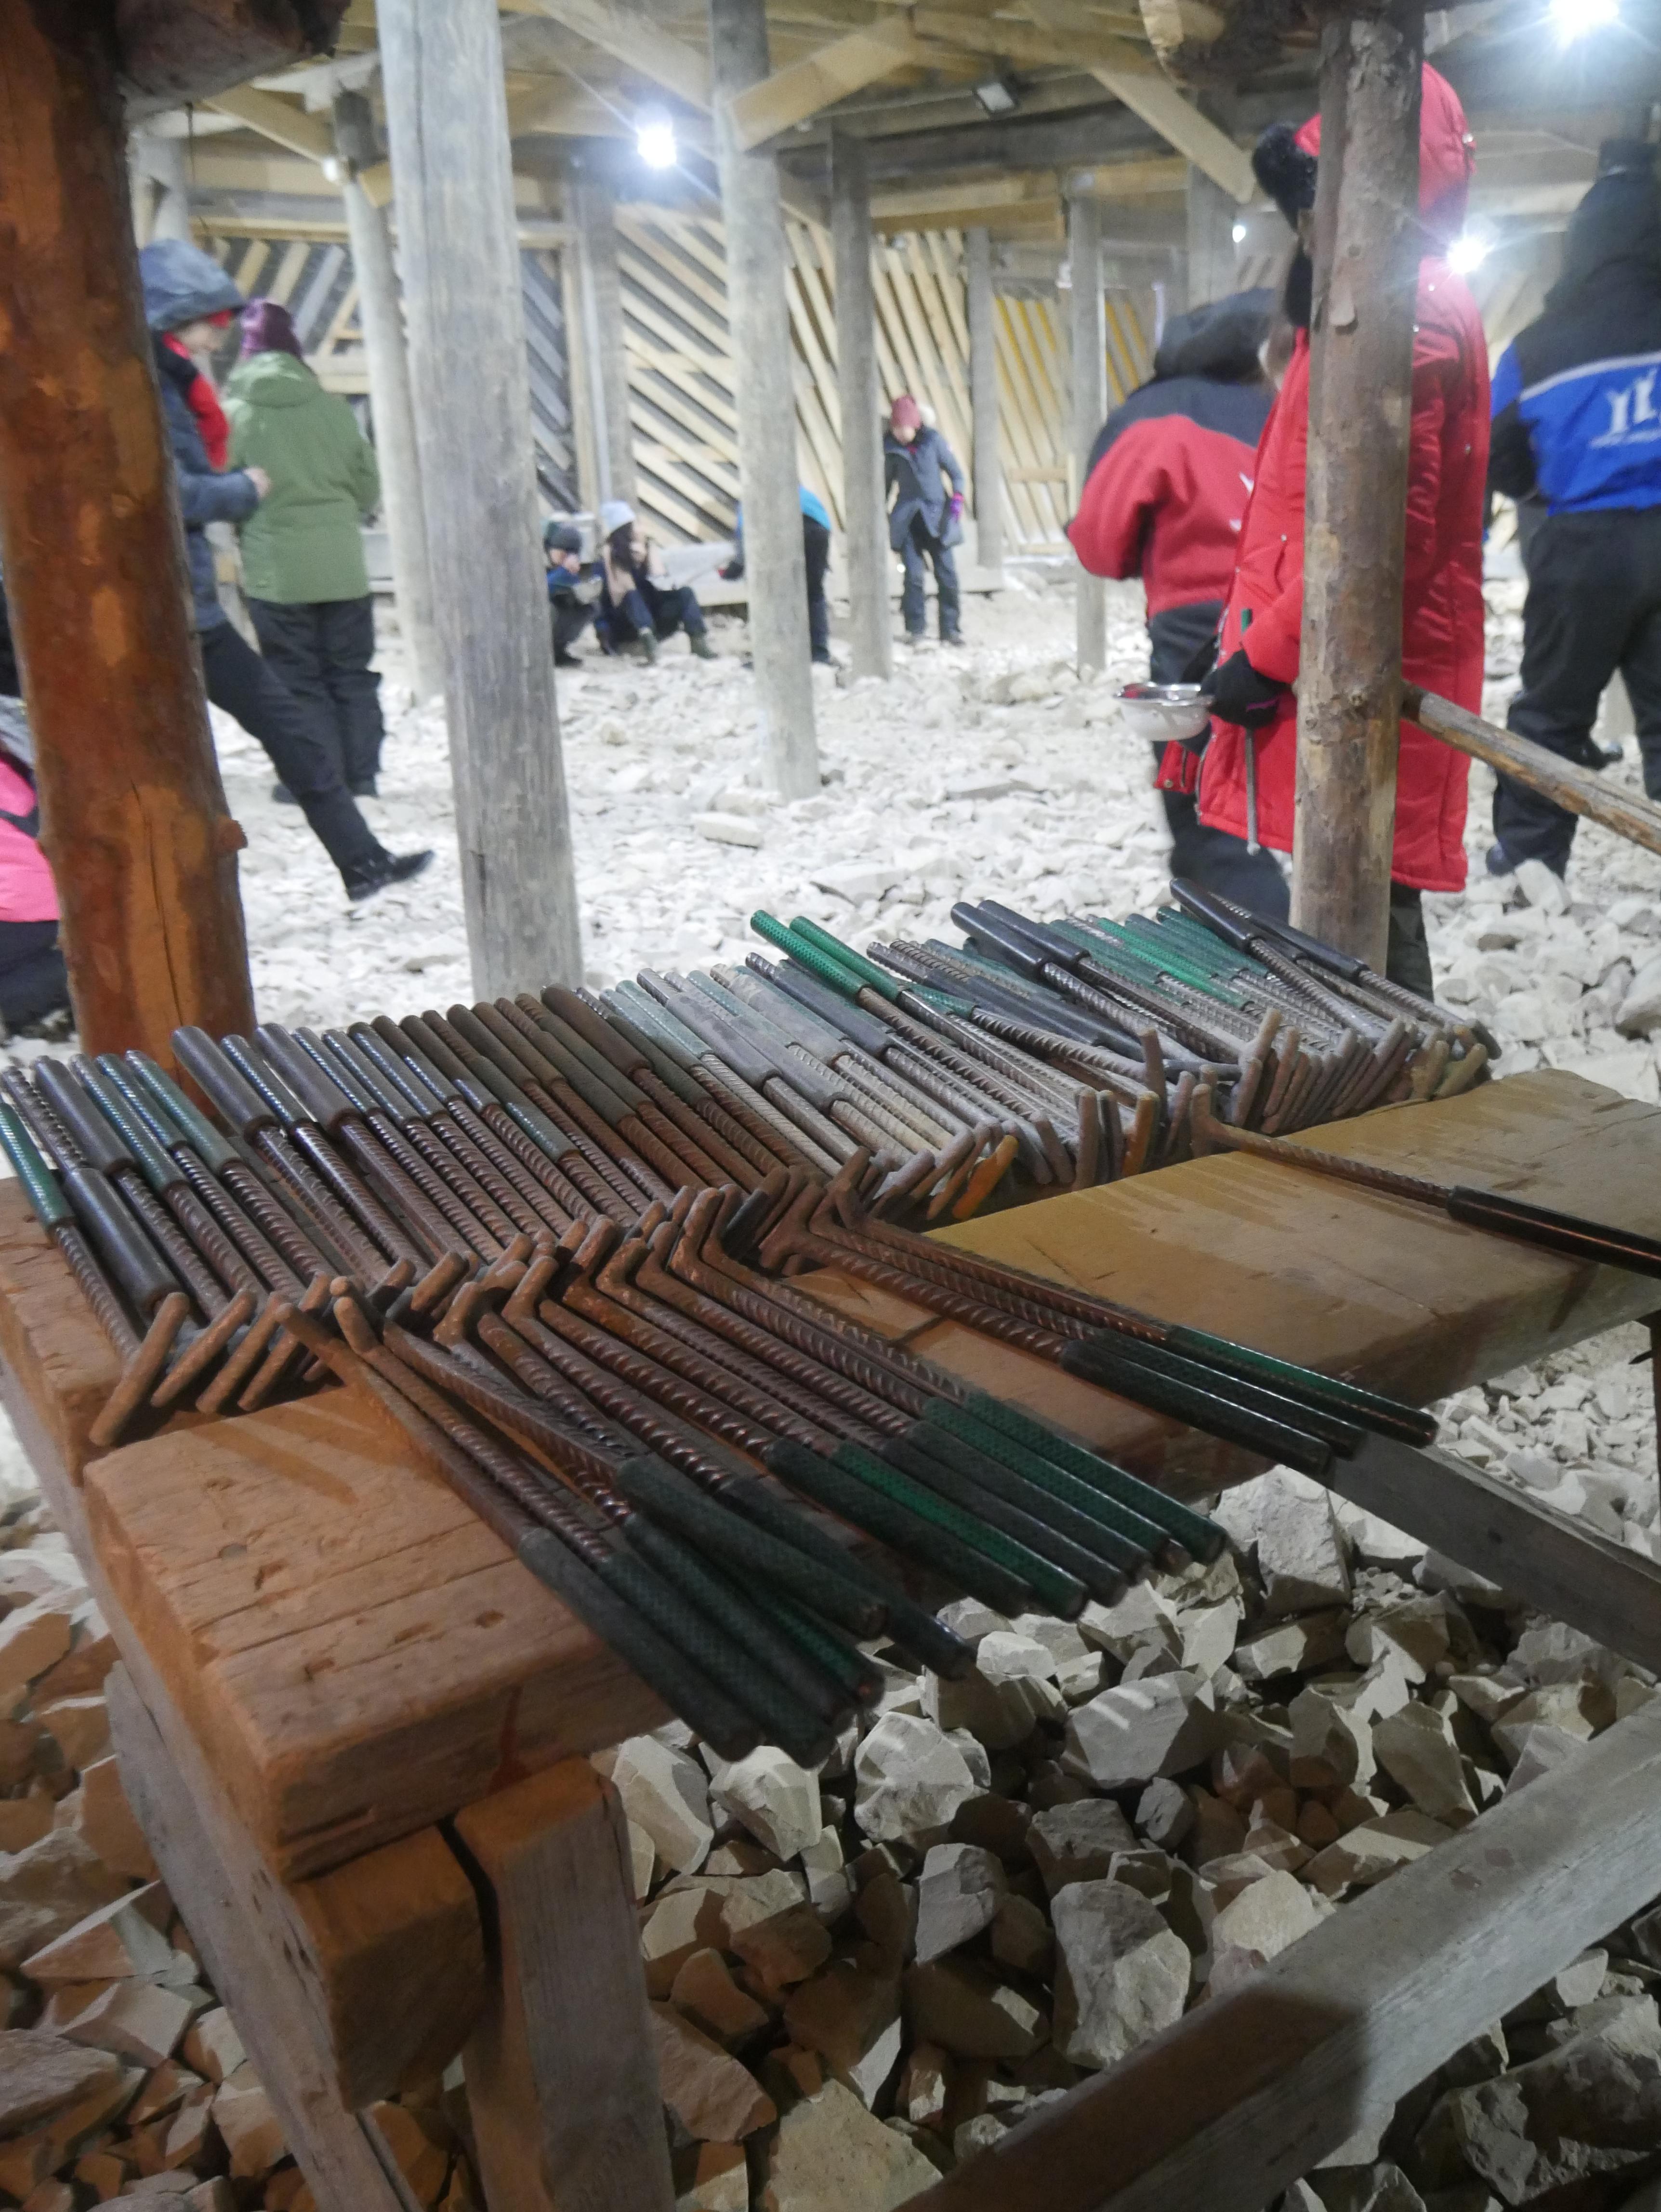 Laponie - Mine d'améthyste